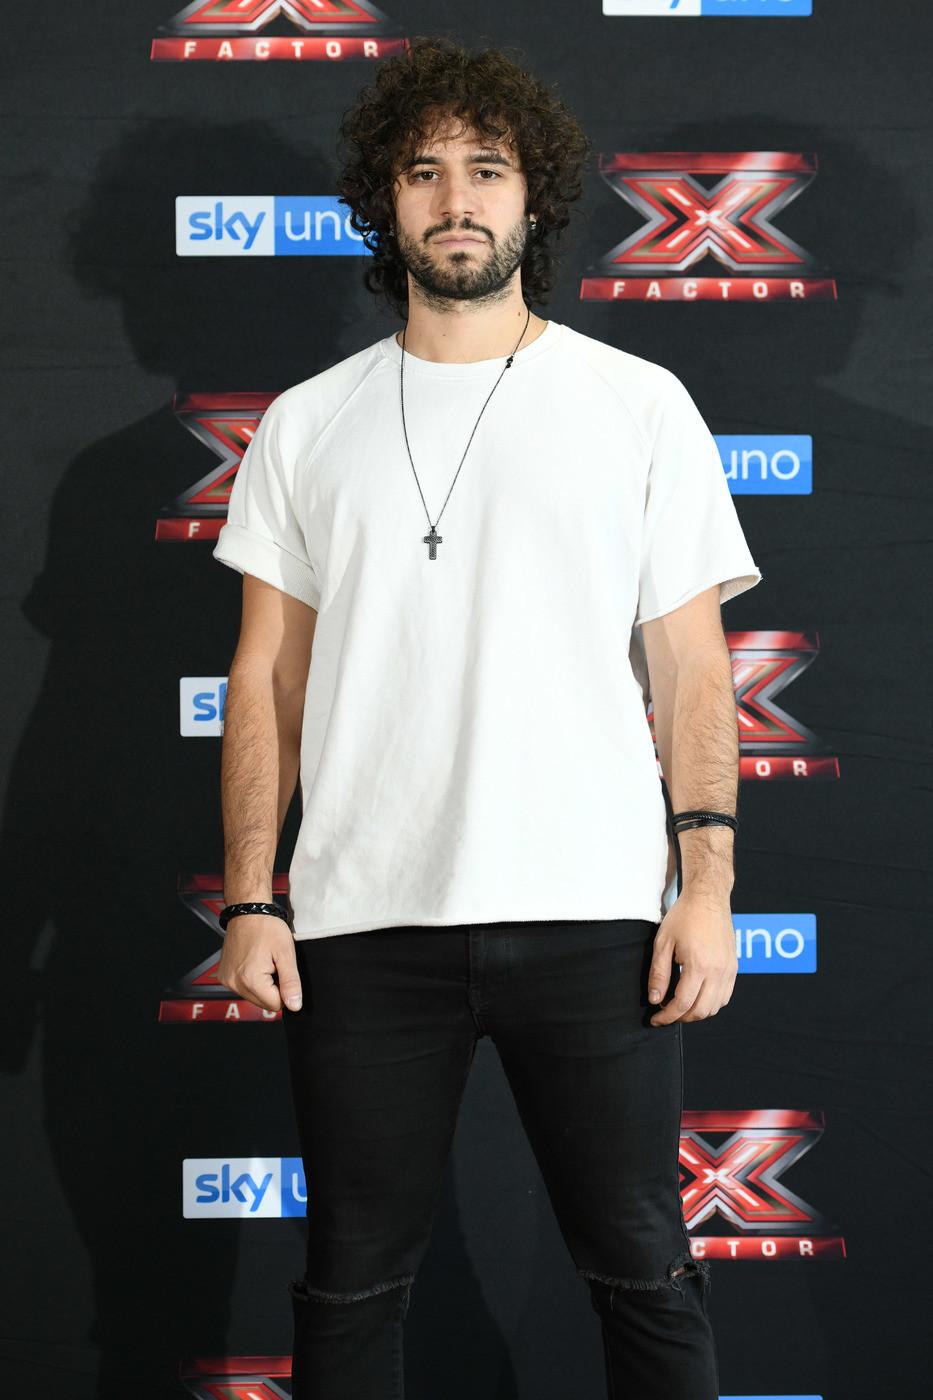 X Factor al via con Lodo fra i giudici. Il primo eliminato è Matteo